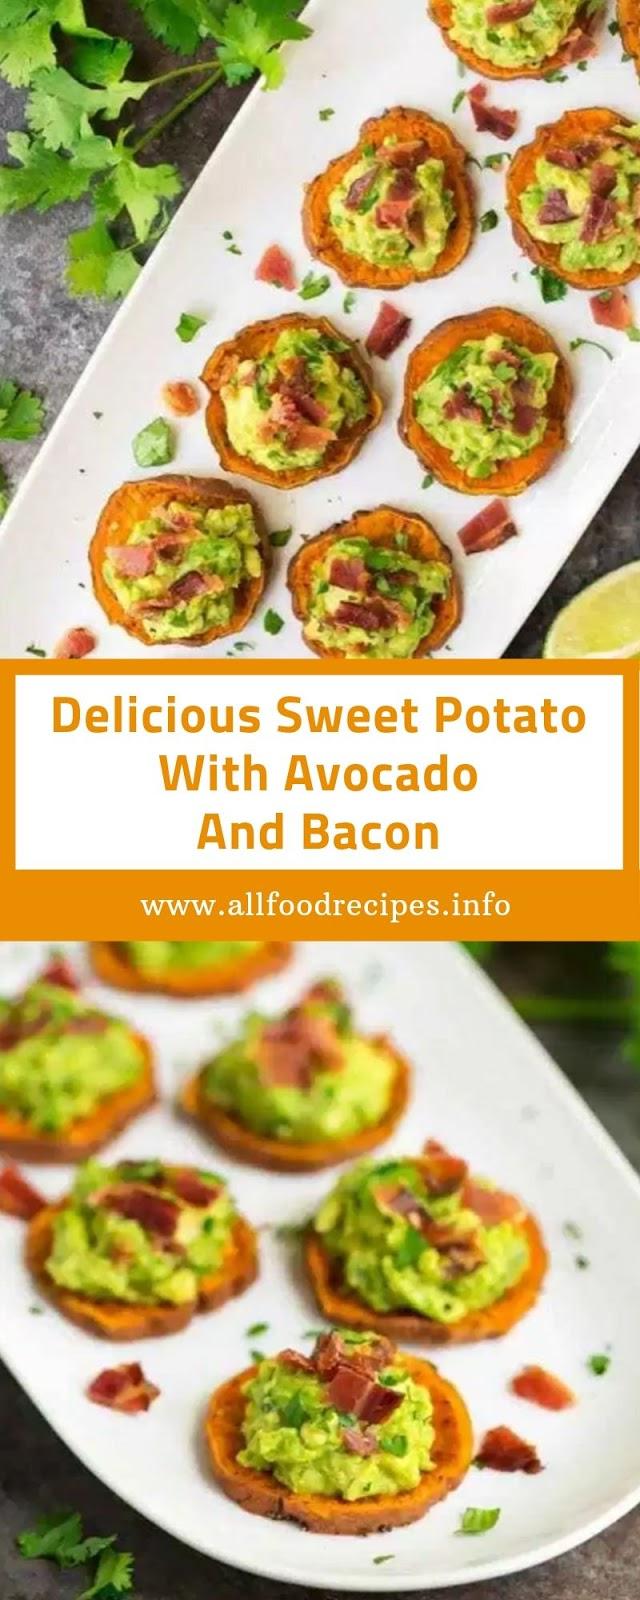 Delicious Sweet Potato With Avocado And Bacon